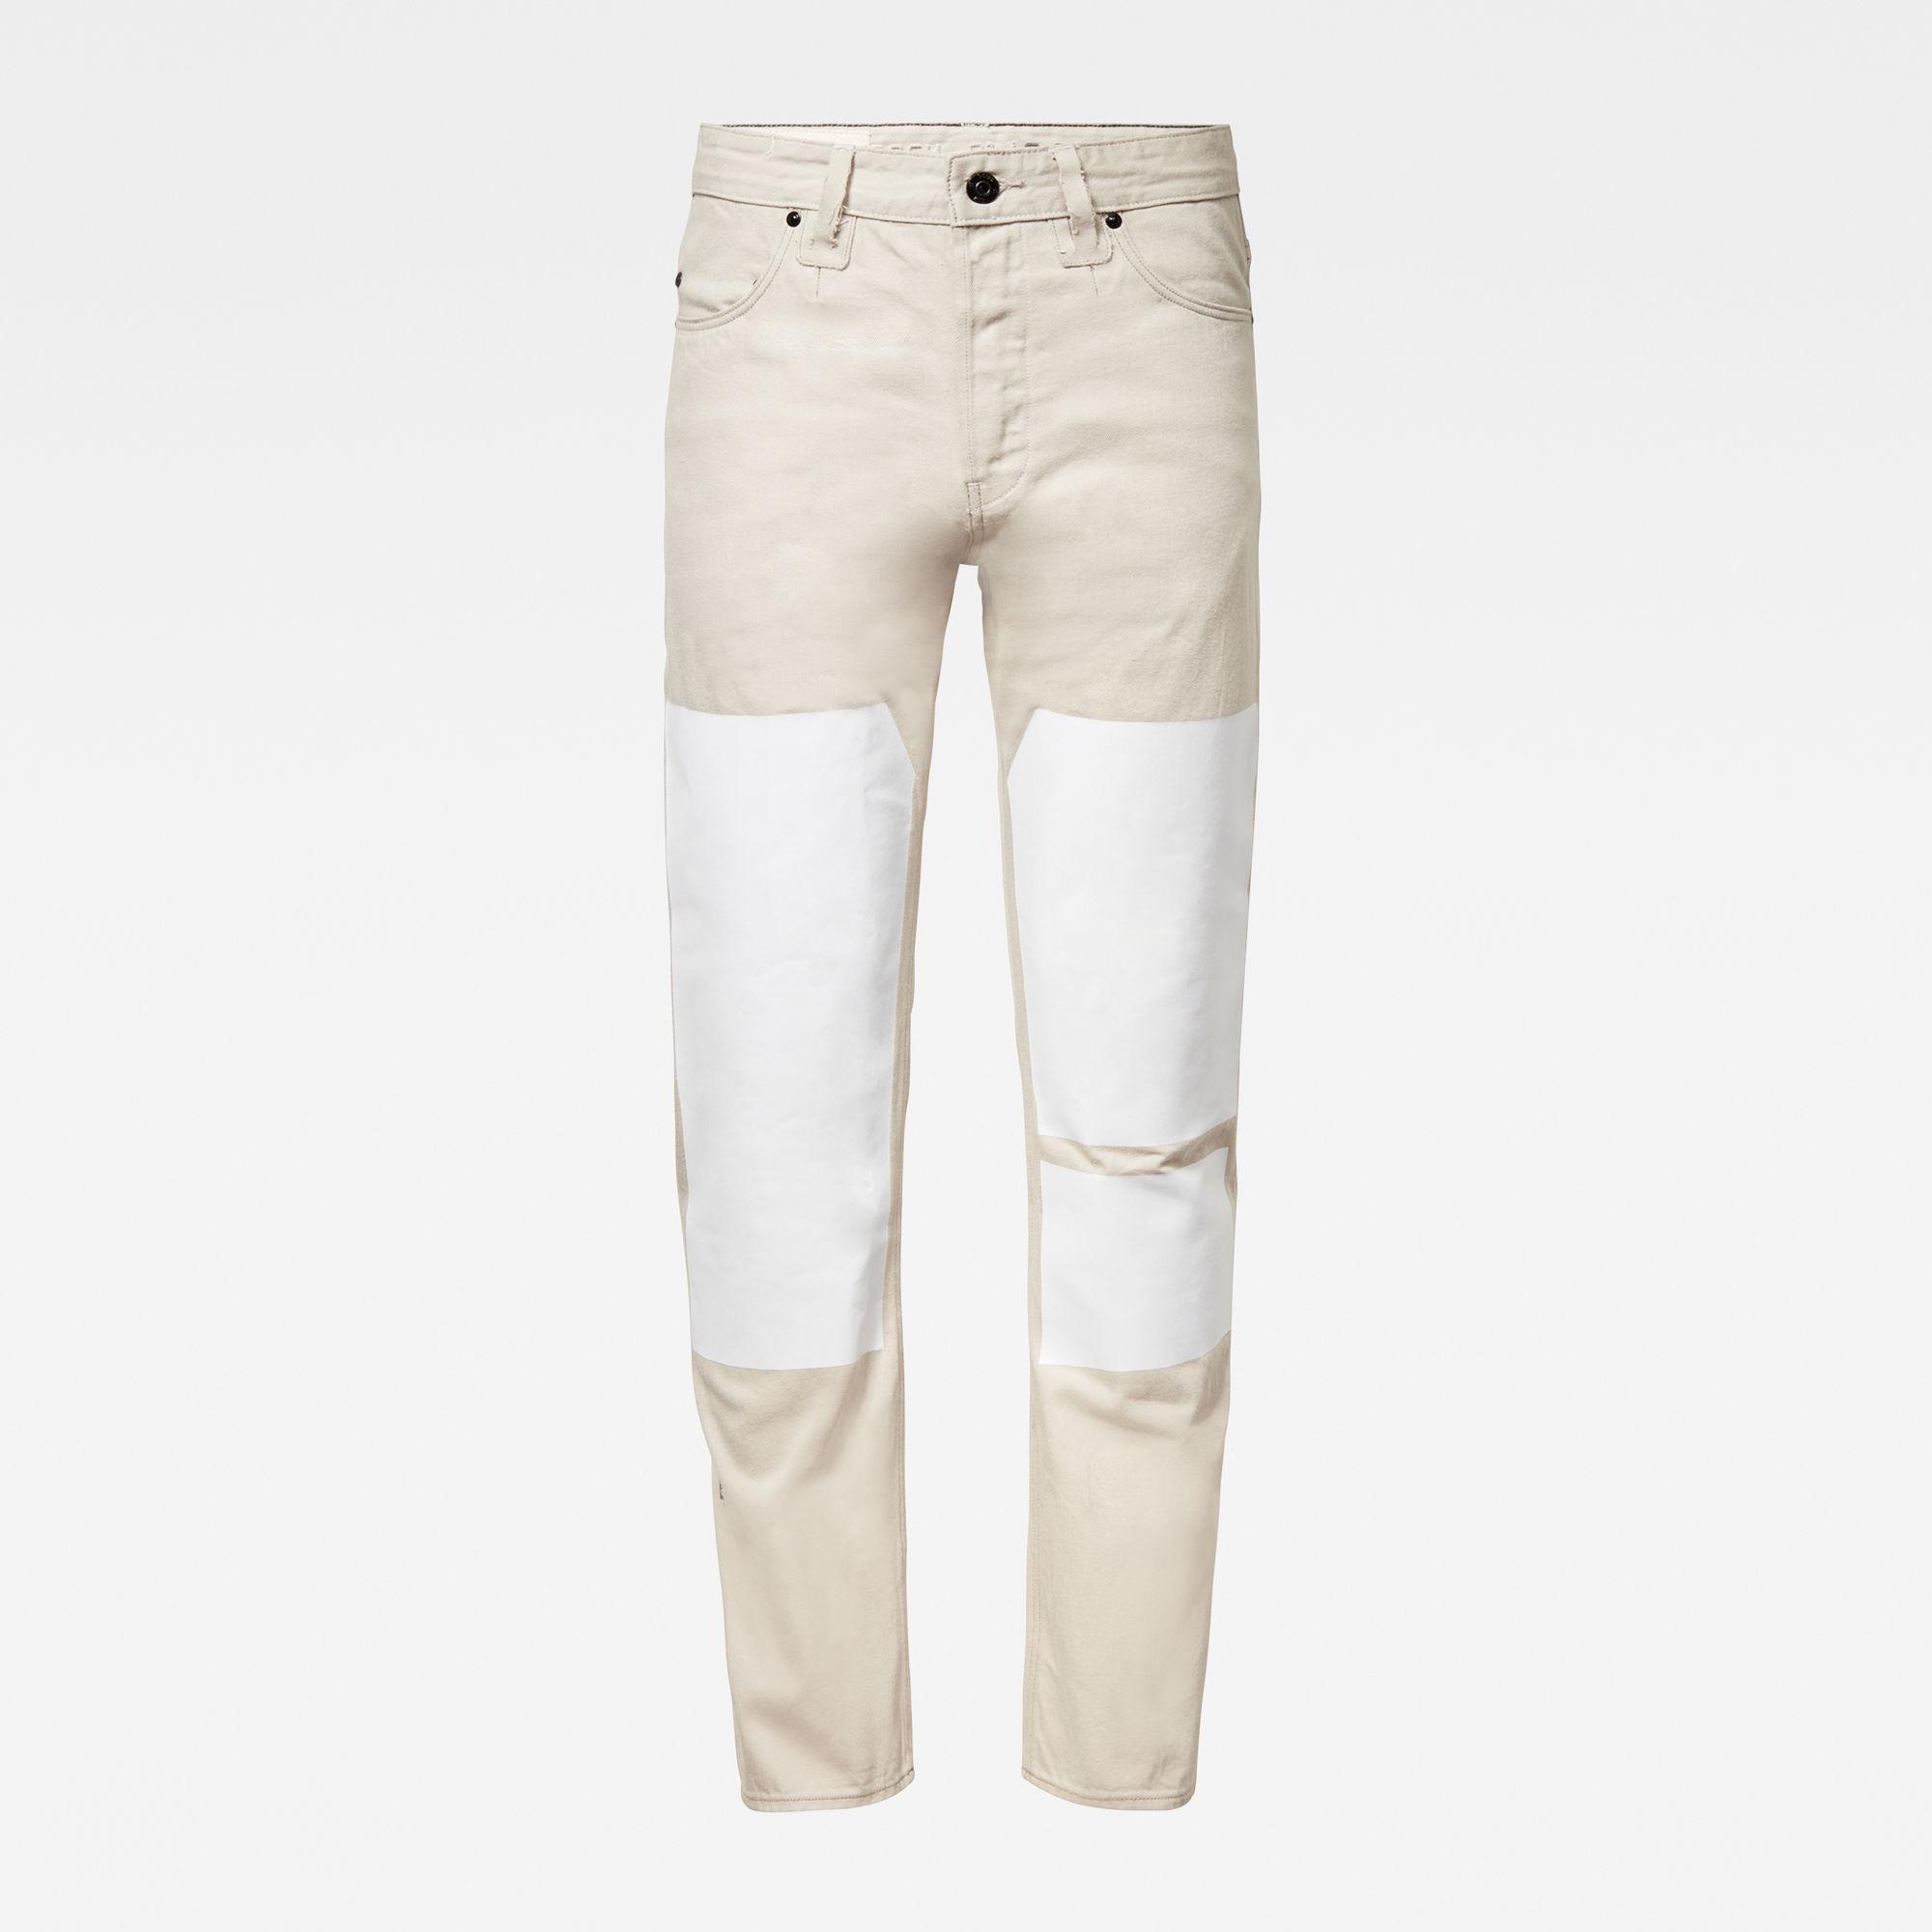 G-Star RAW Heren GSRR Triple A Regular Straight Selvedge Jeans Grijs